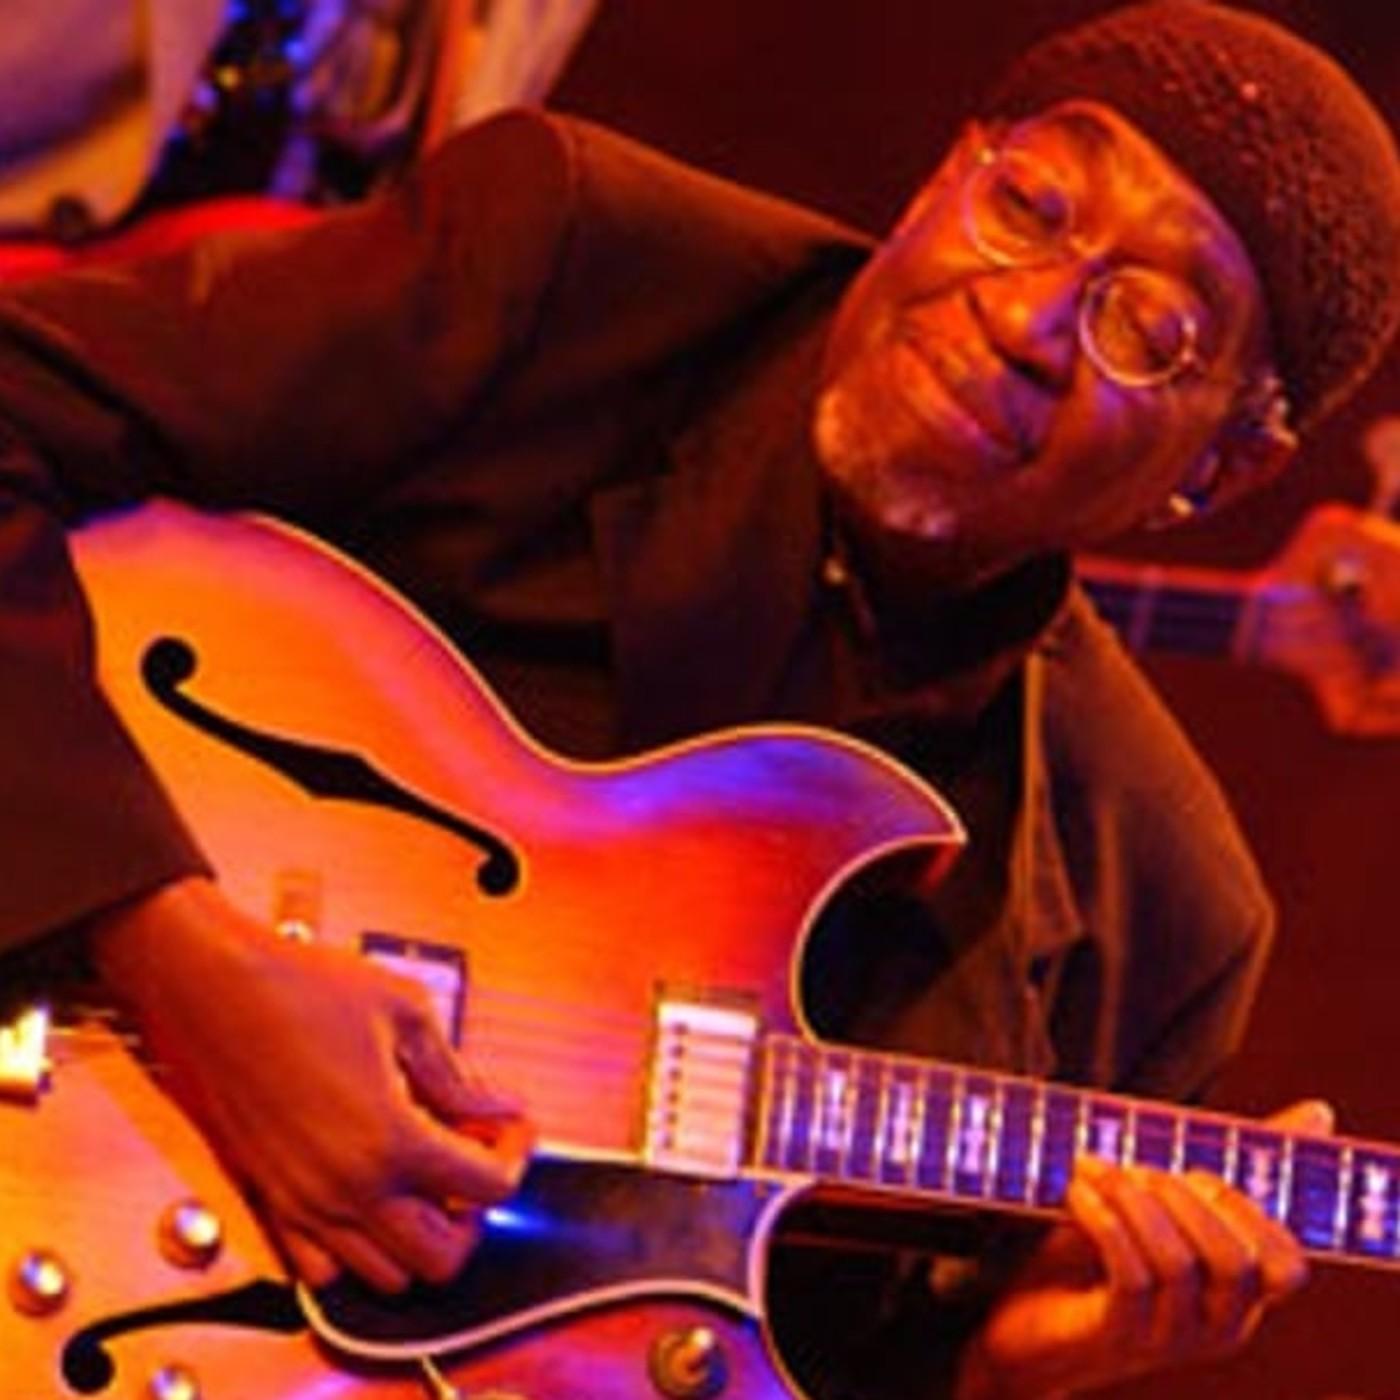 Blues de Verdad - podcast 46: BLUES... y JAZZ, parte 2 (Jazzmen con el blues, bluesmen con swing)-2